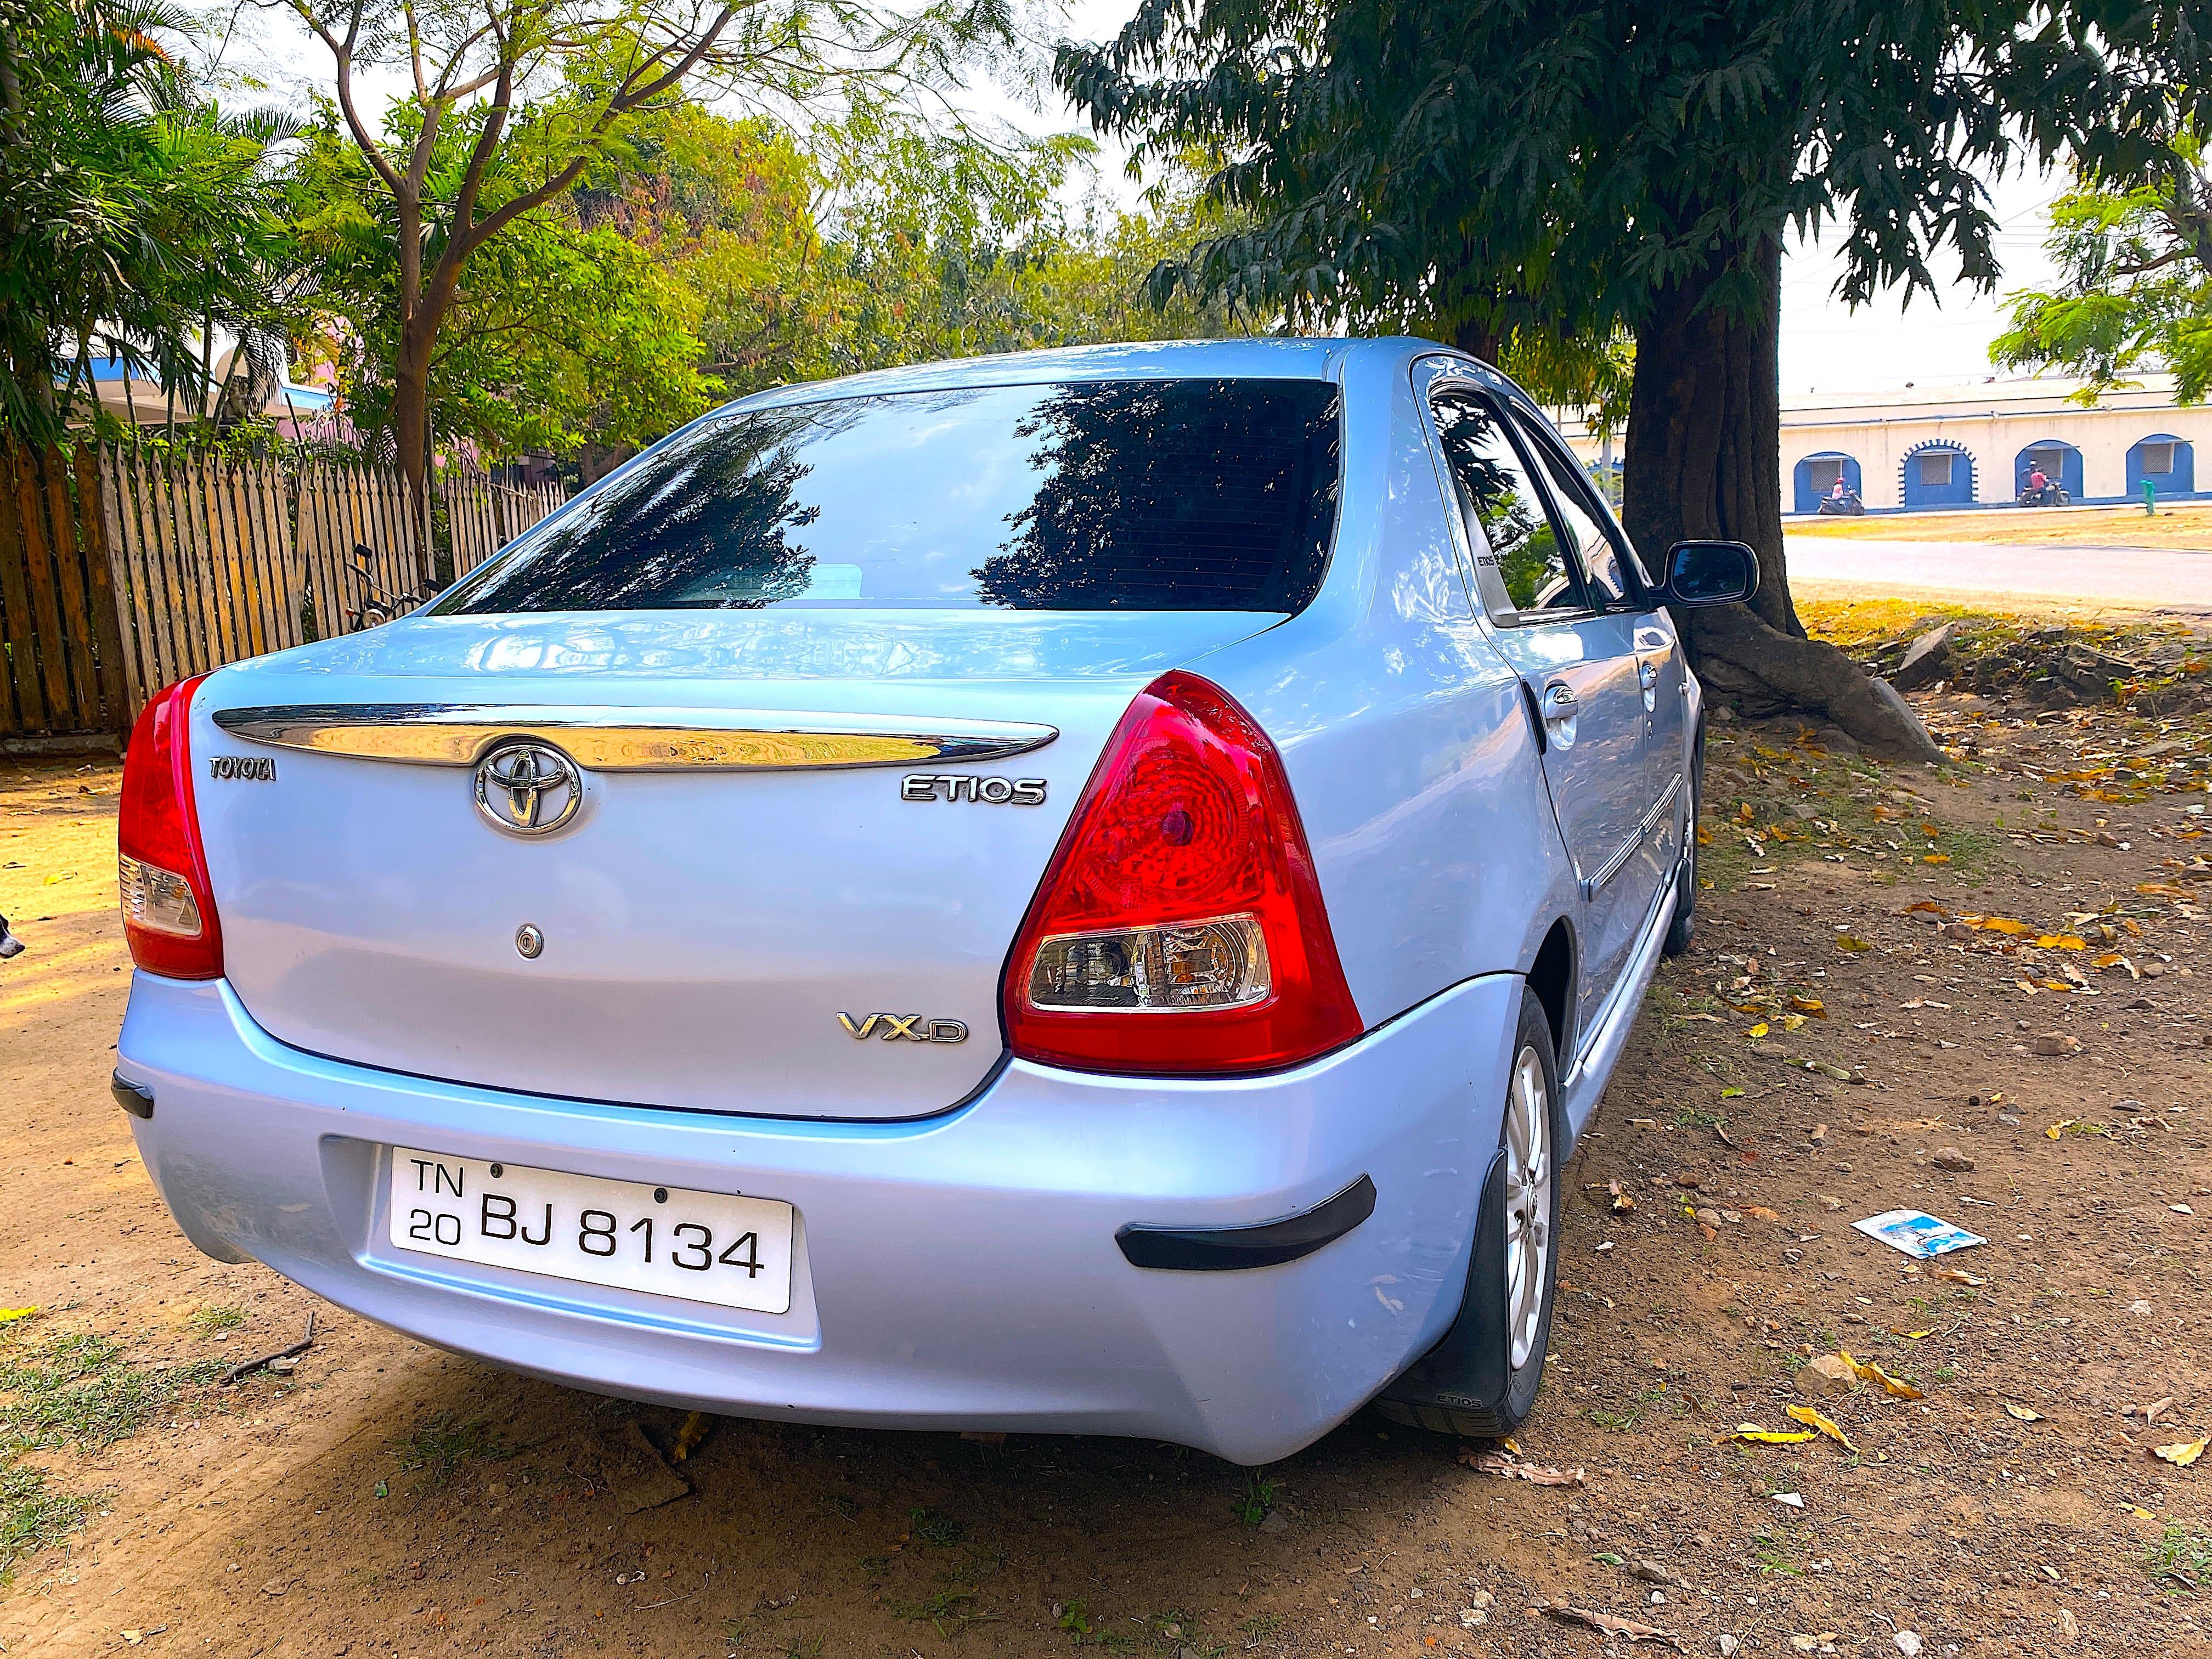 Toyota Etios 2010-2012 VXD